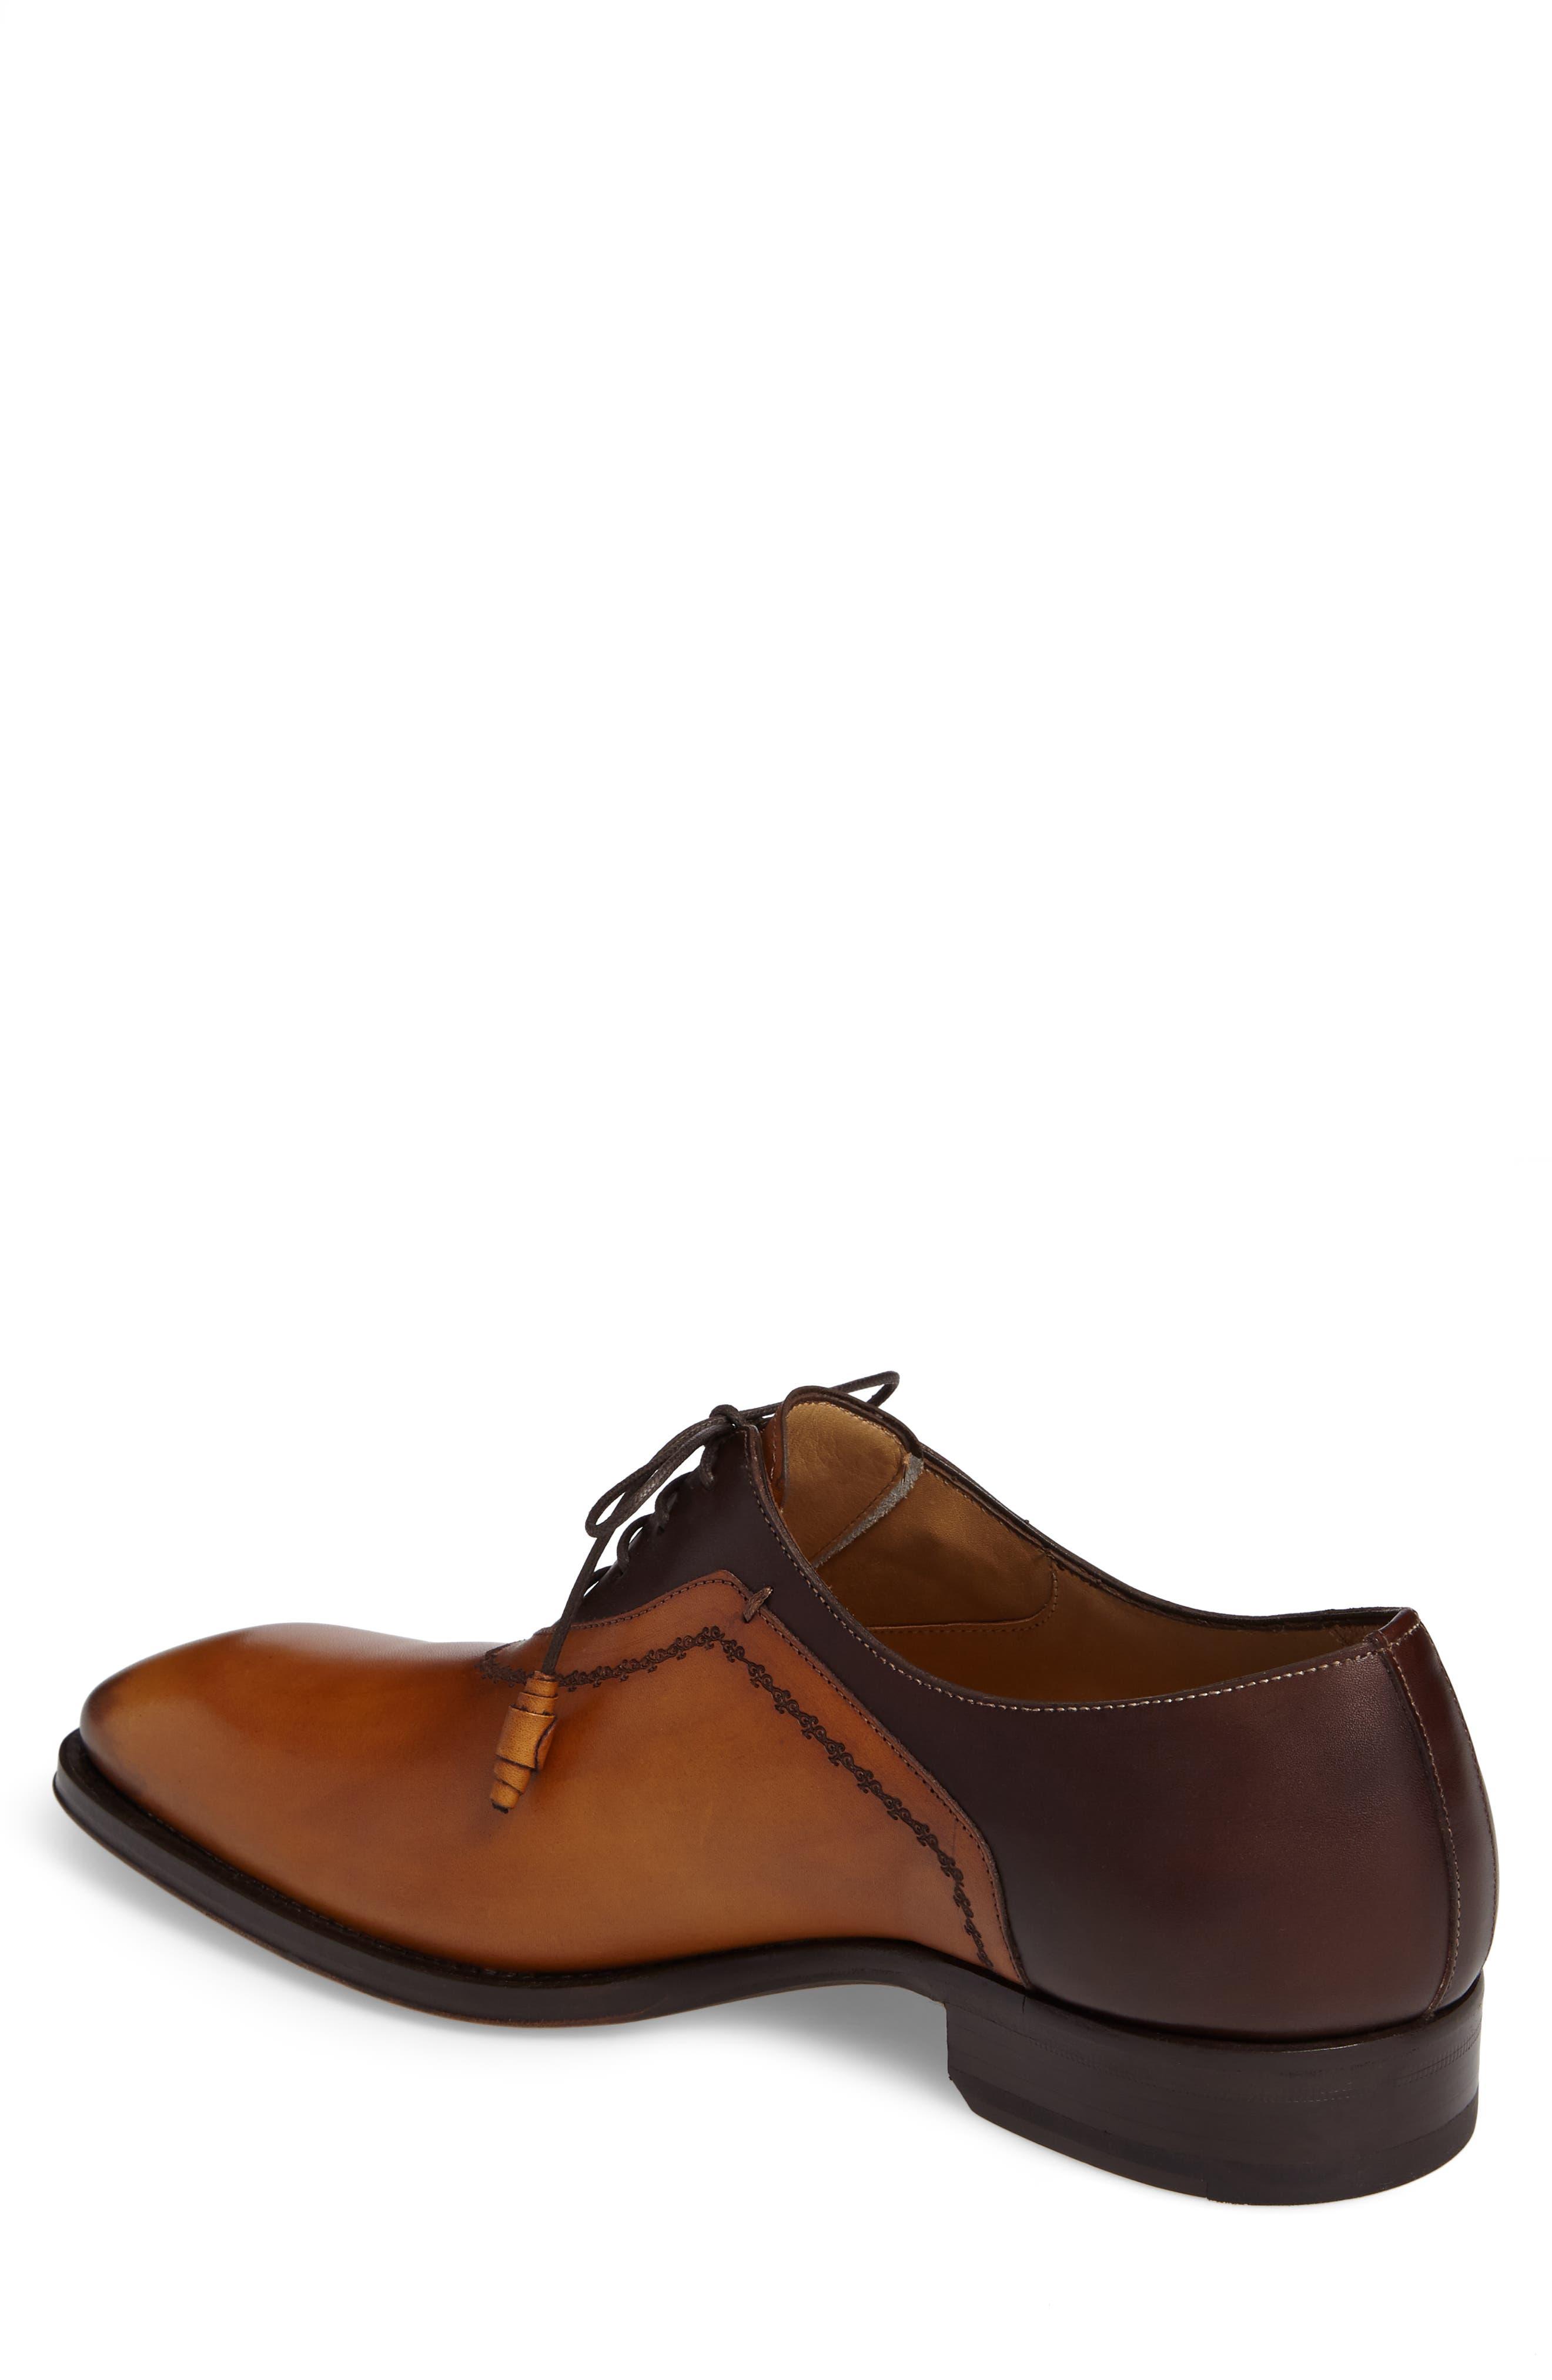 Manet Plain-Toe Oxford,                             Alternate thumbnail 2, color,                             230